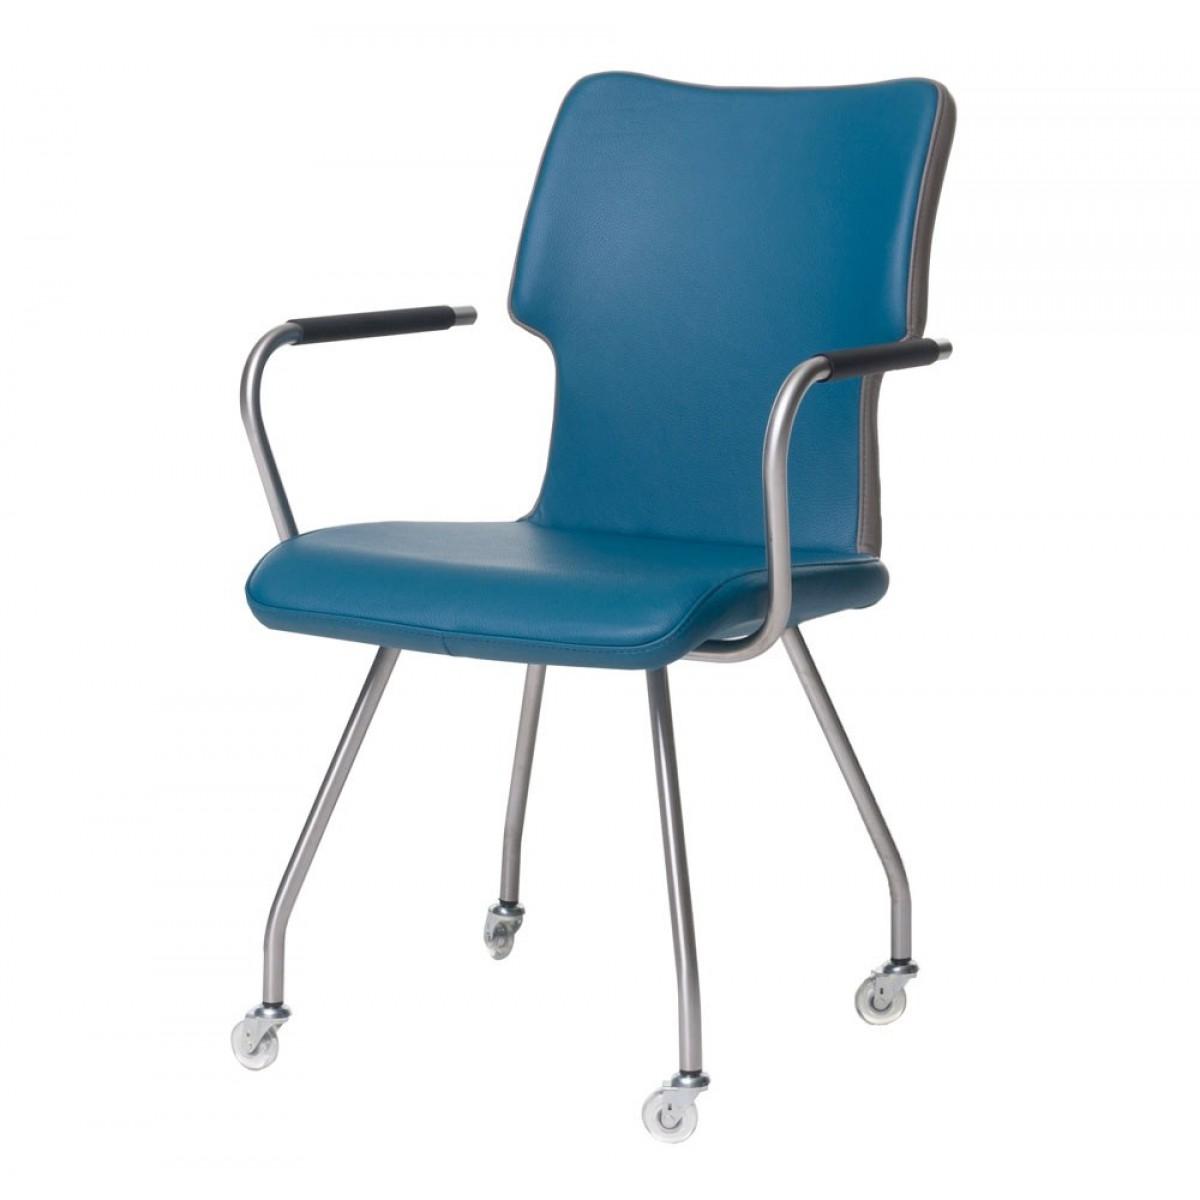 Summer stuhl auf rollen i live design preisg nstig - Stuhl auf rollen ...